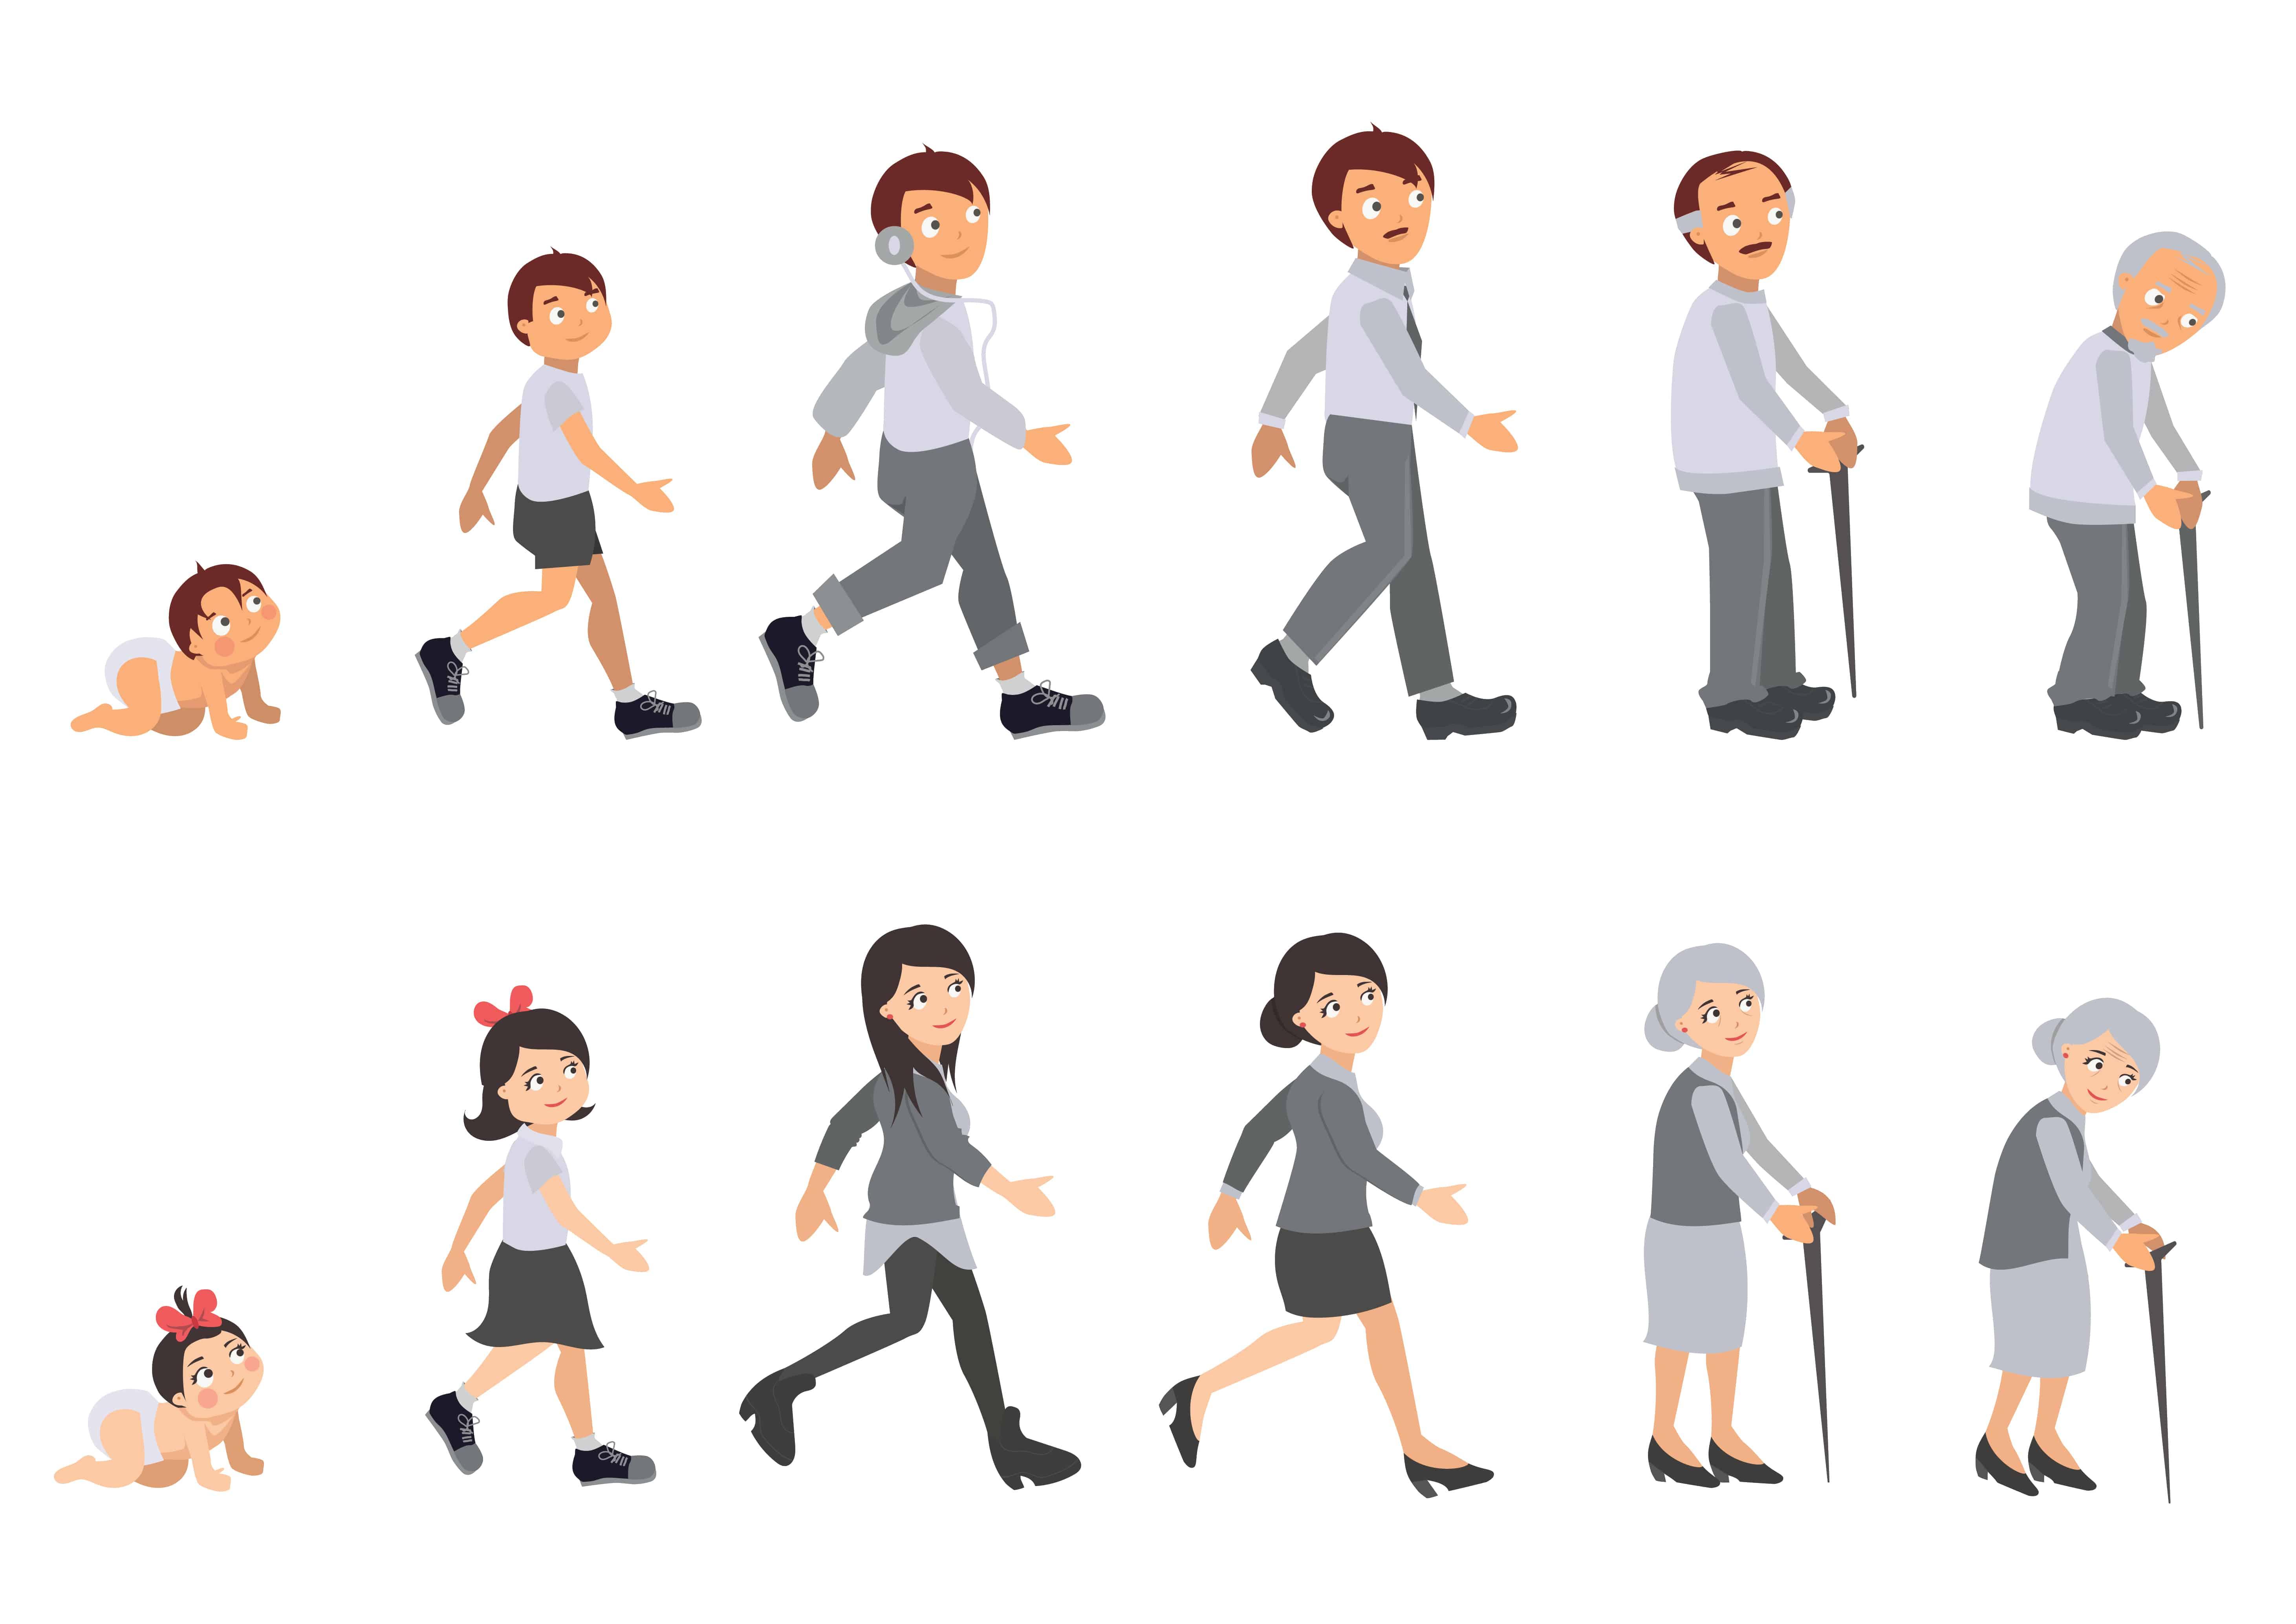 De voor- en nadelen van ouder worden